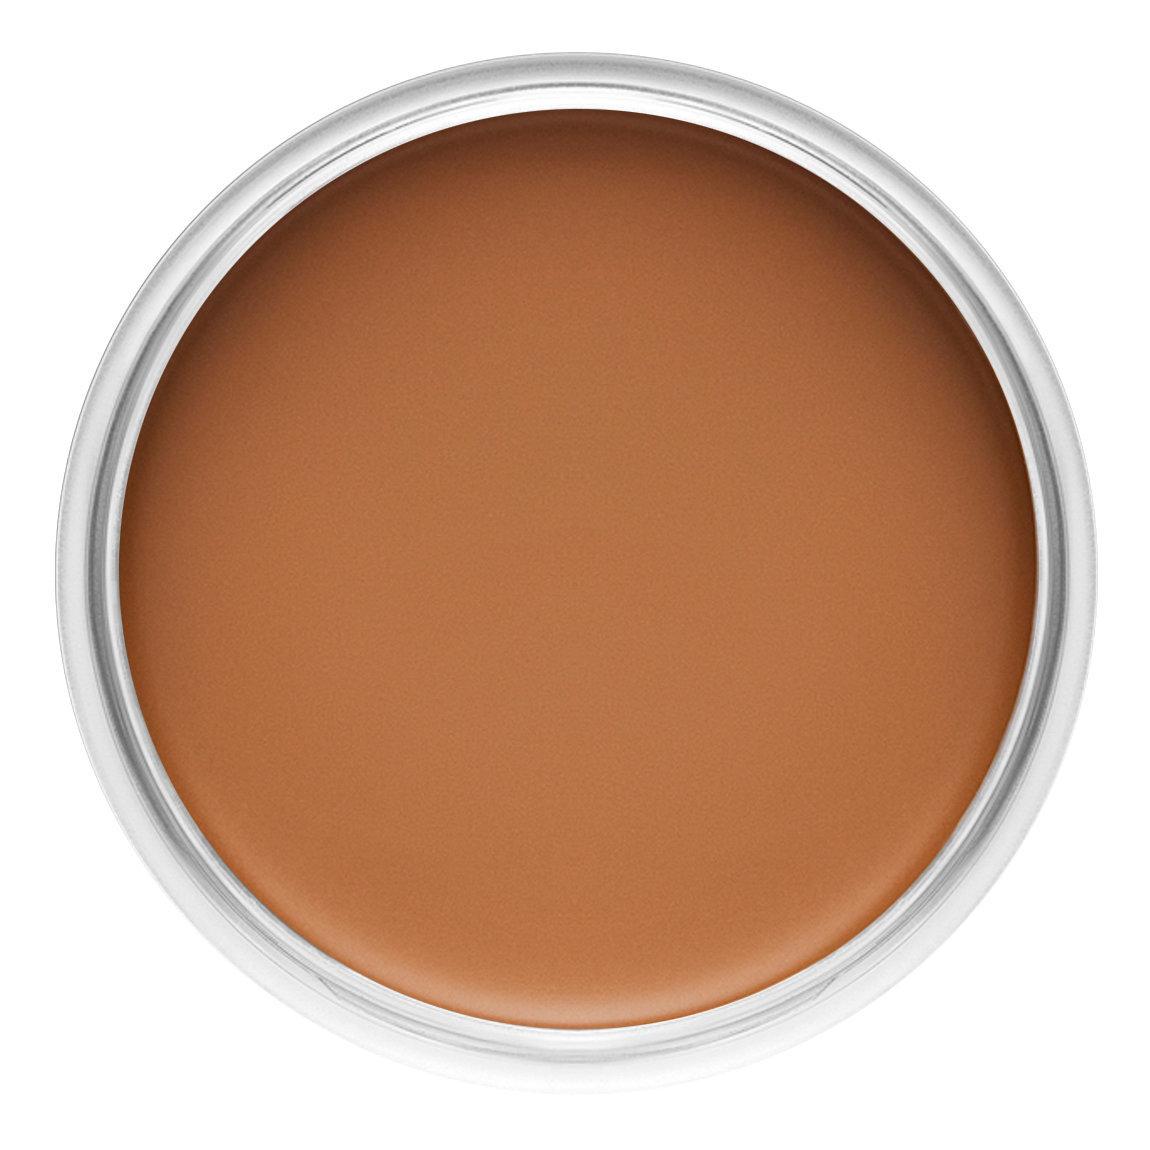 Anastasia Beverly Hills Cream Bronzer Amber alternative view 1.